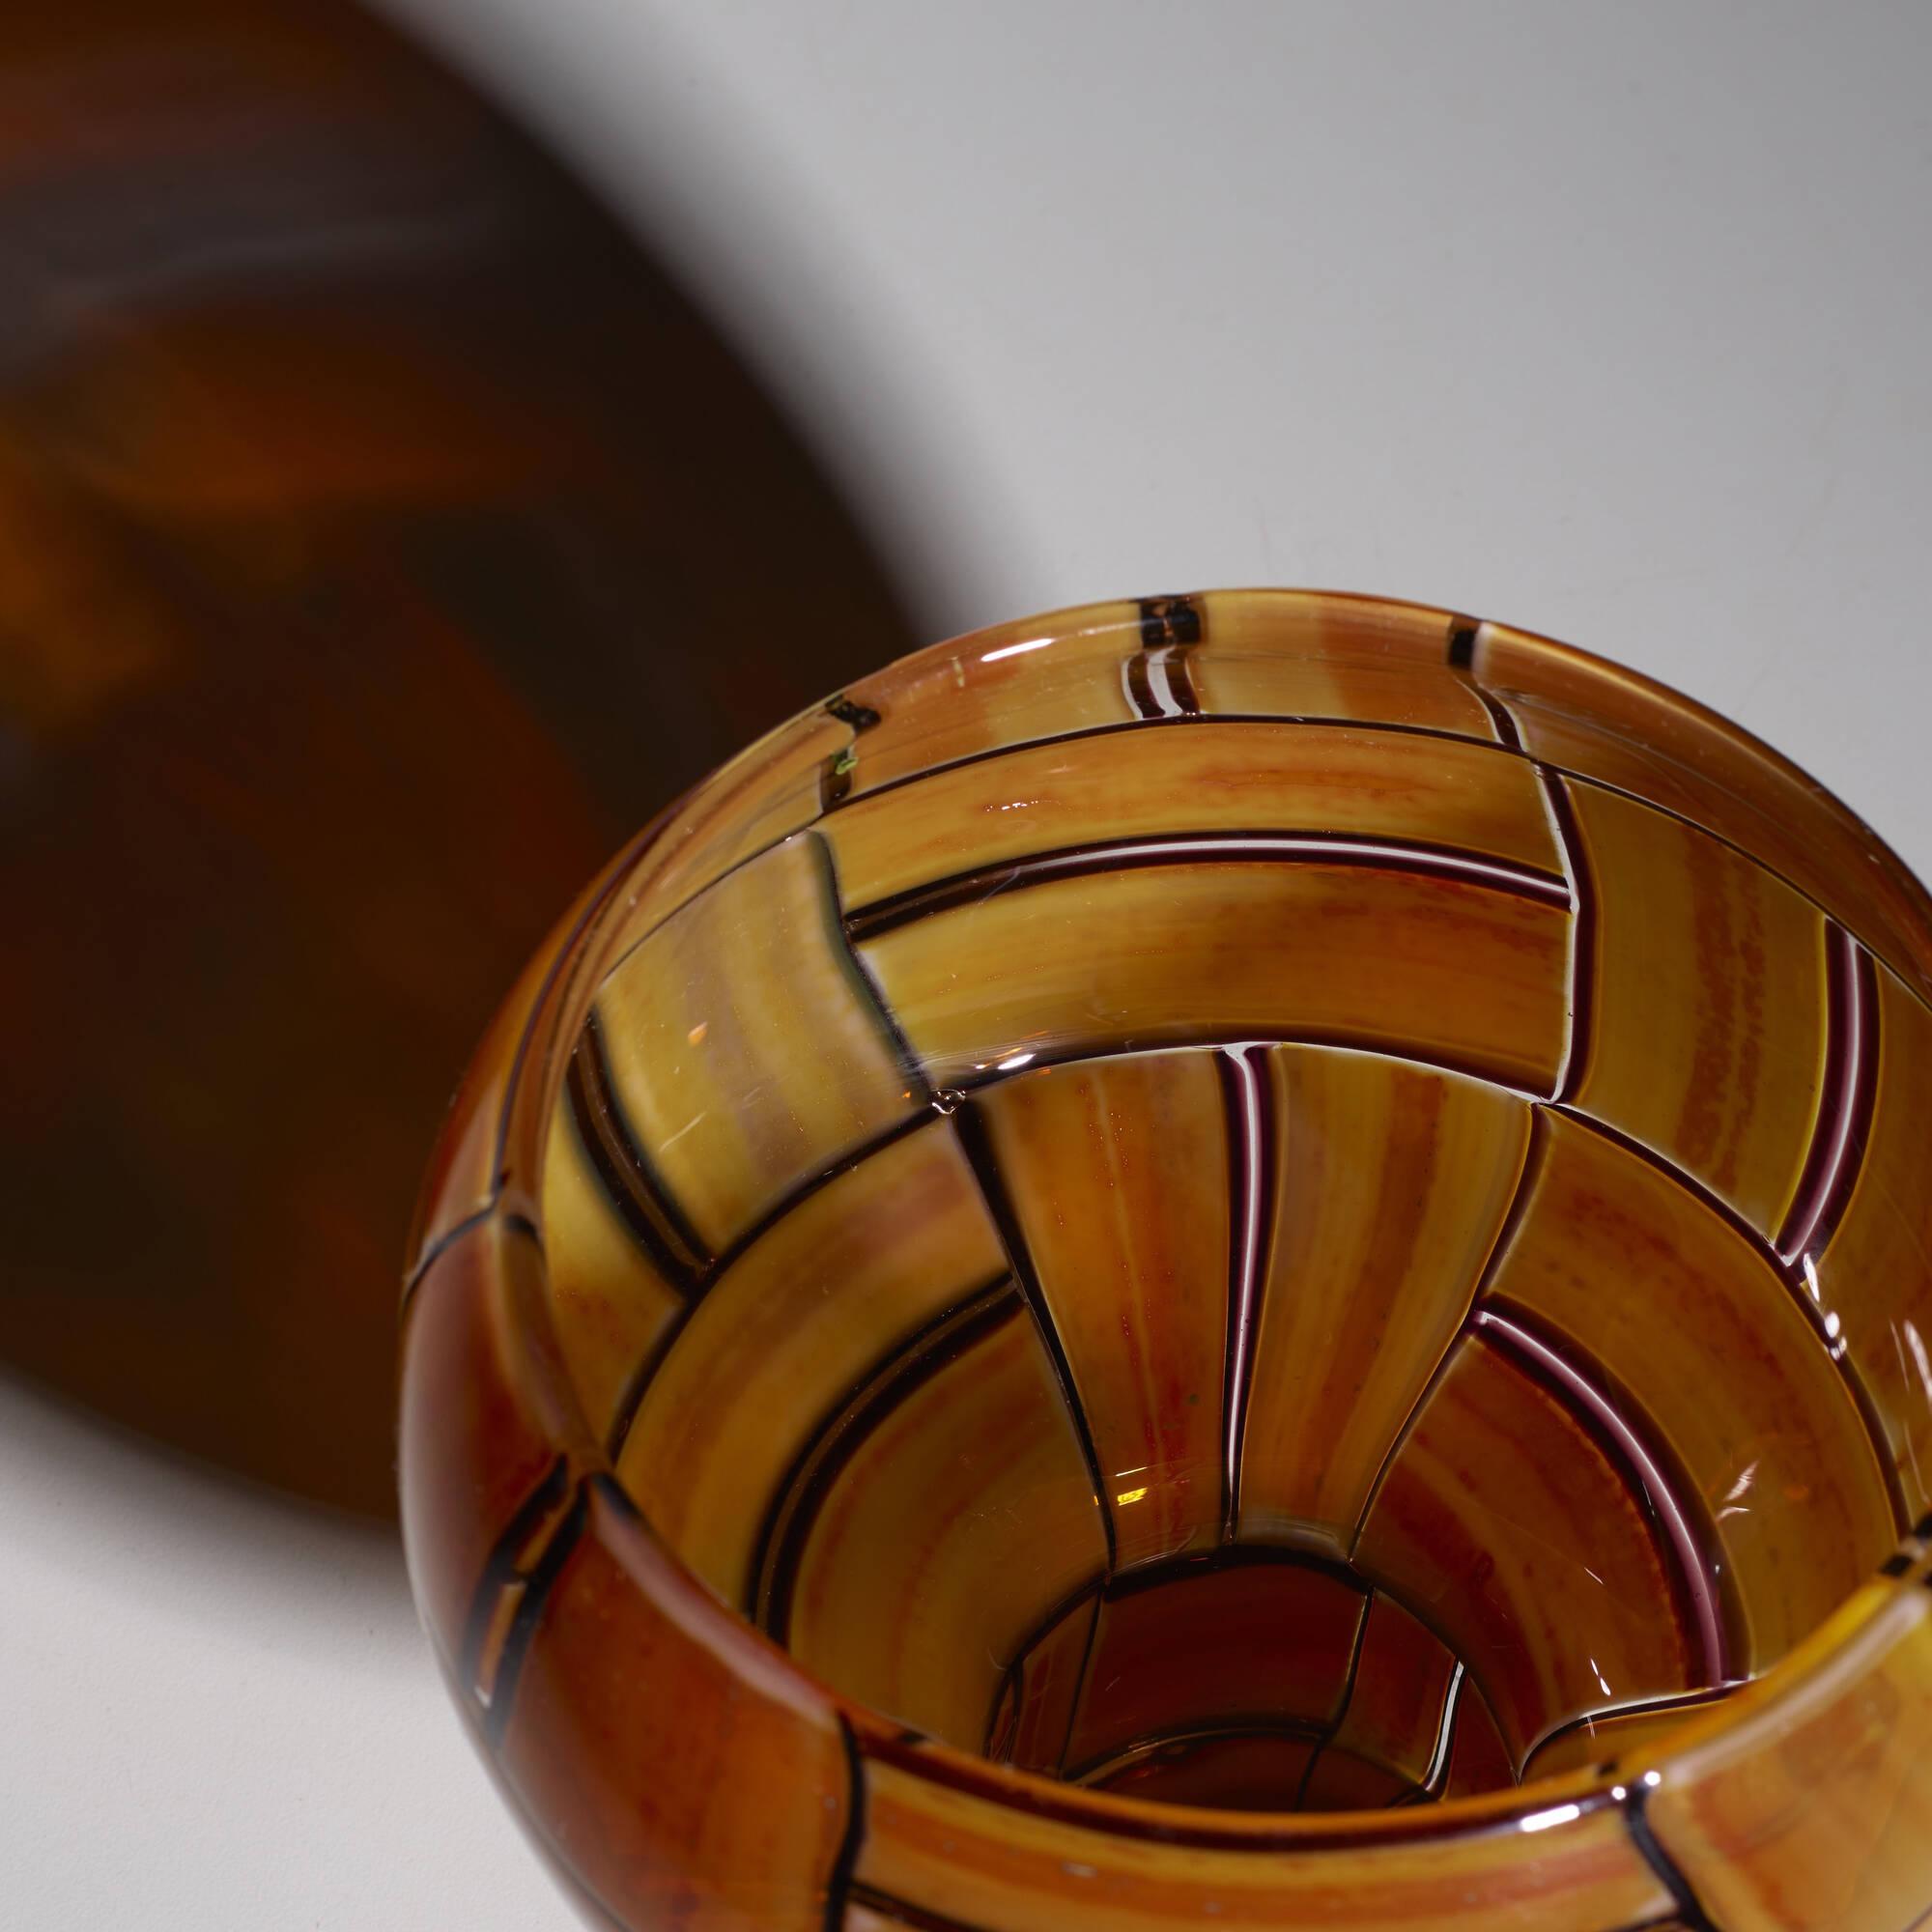 37: Ercole Barovier / Tessere Ambra vase (4 of 5)